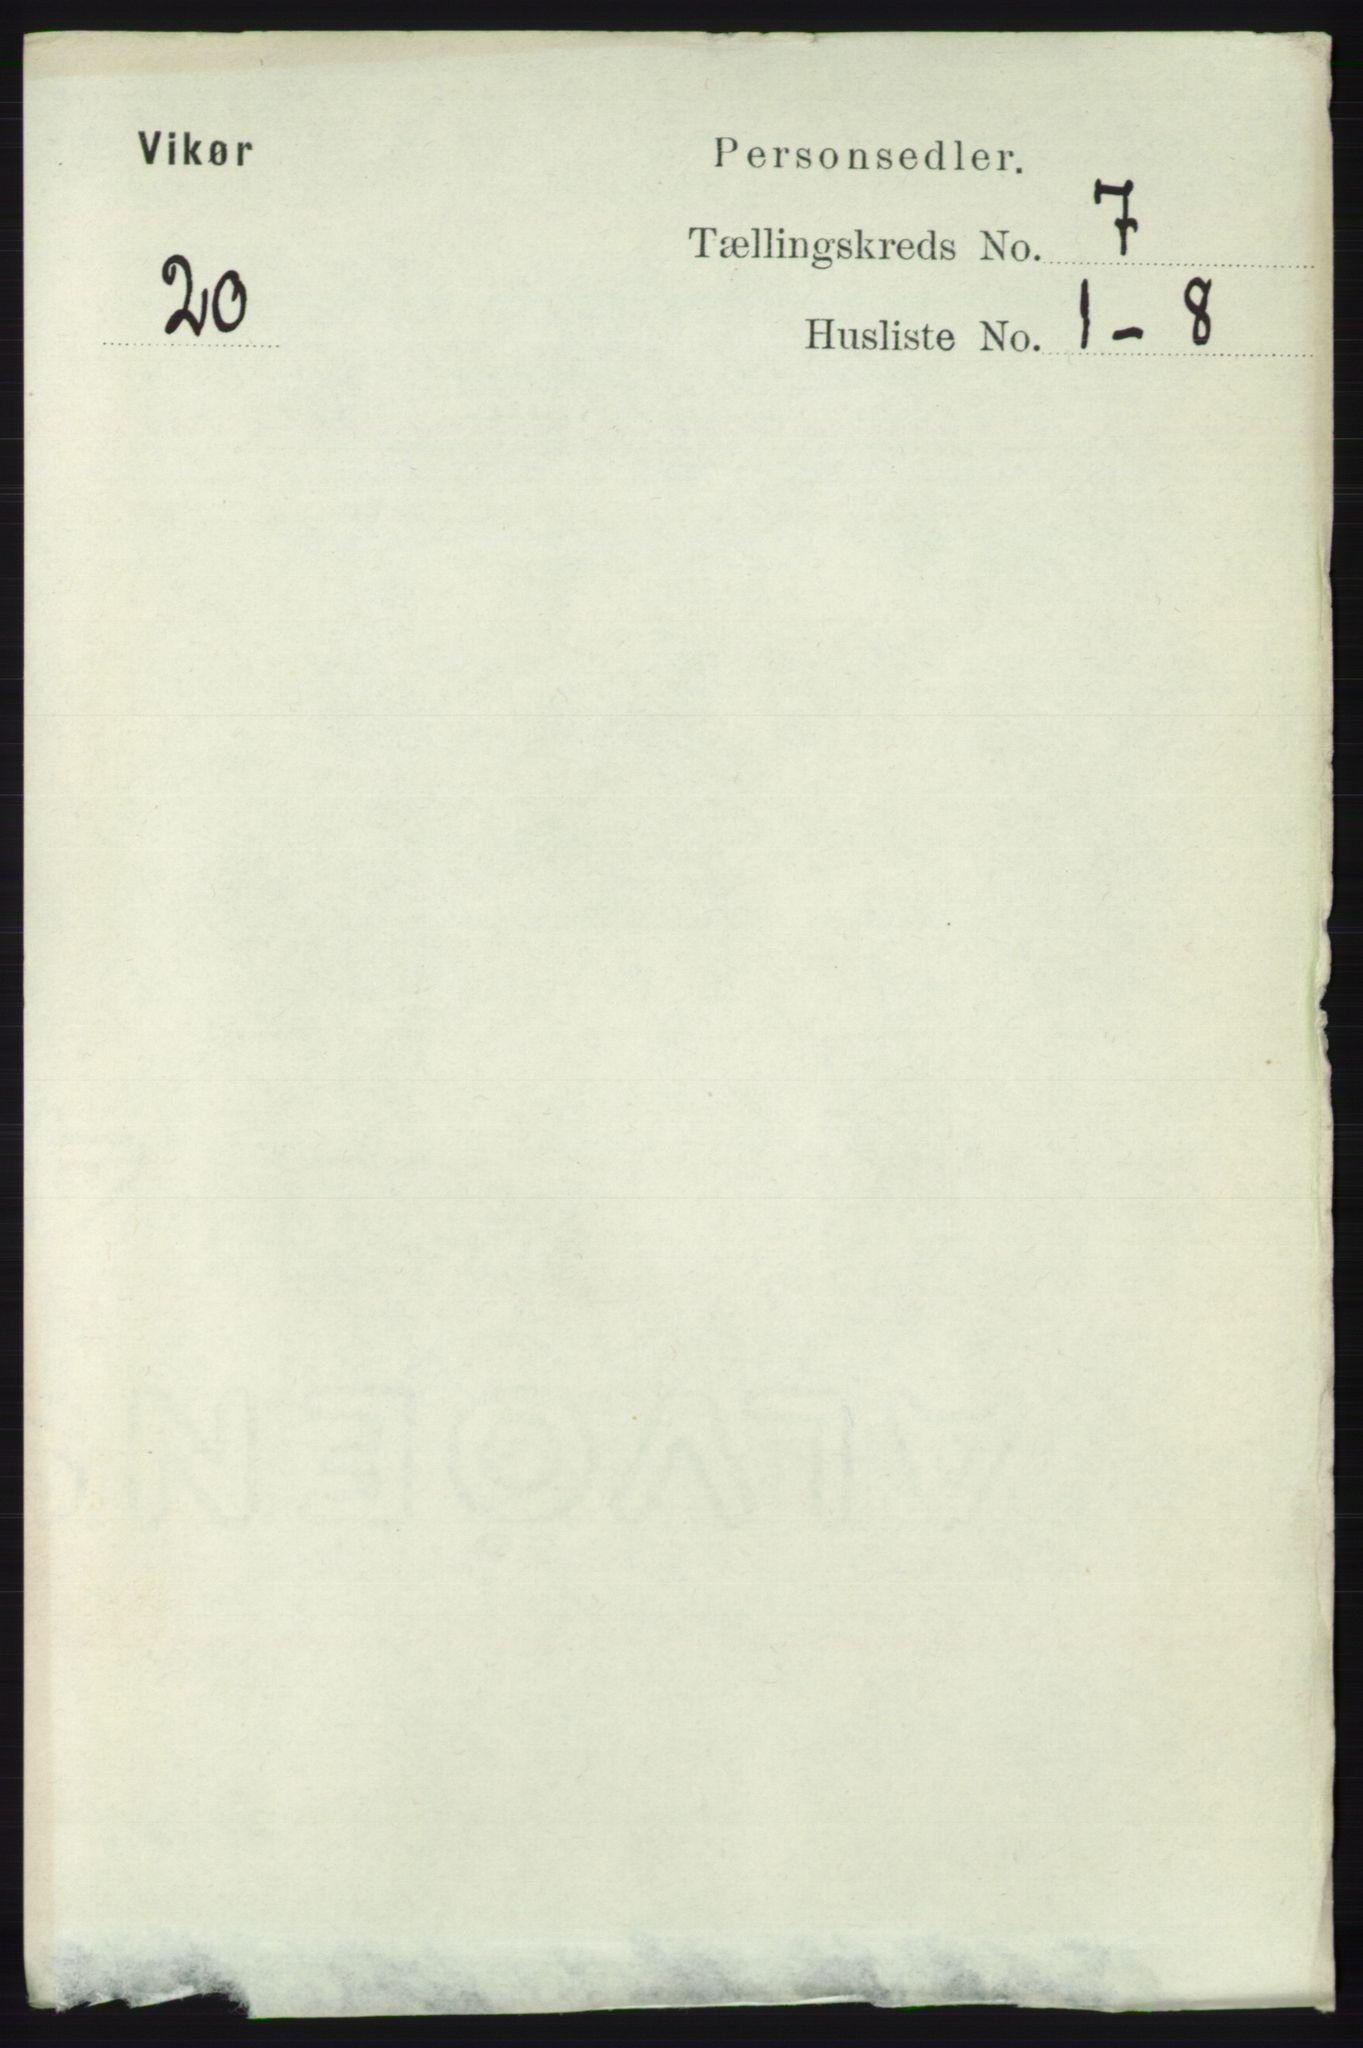 RA, Folketelling 1891 for 1238 Vikør herred, 1891, s. 2208